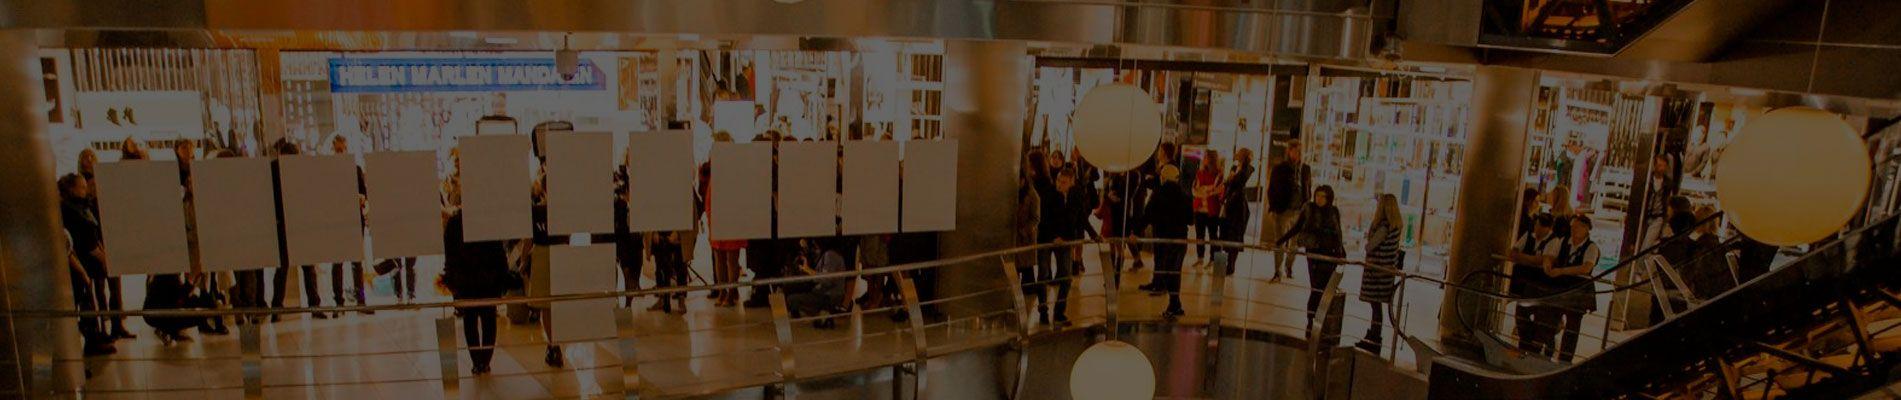 Охорона комерційних об'єктів в Києві і області | ТОР-БЕЗПЕКА